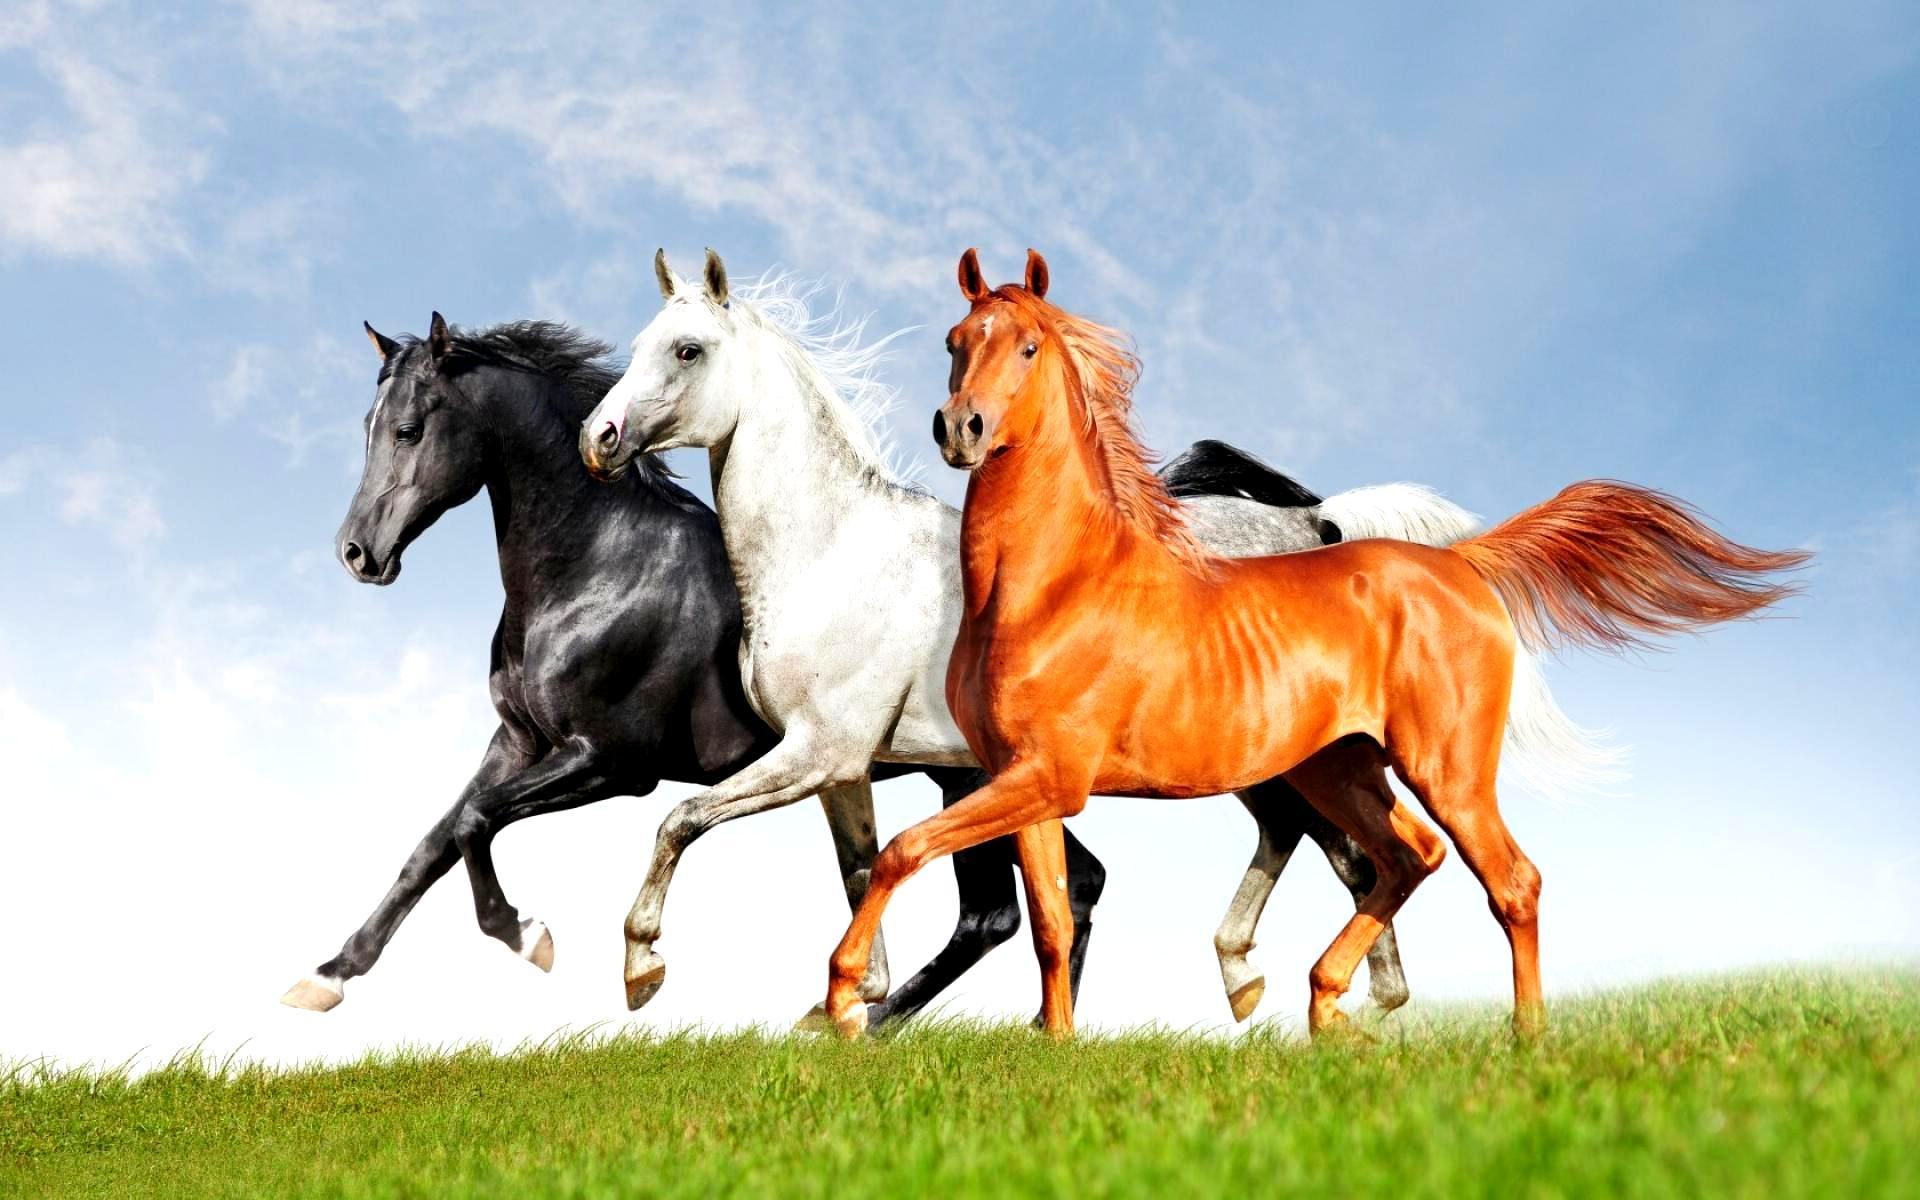 скачать картинки лошадей